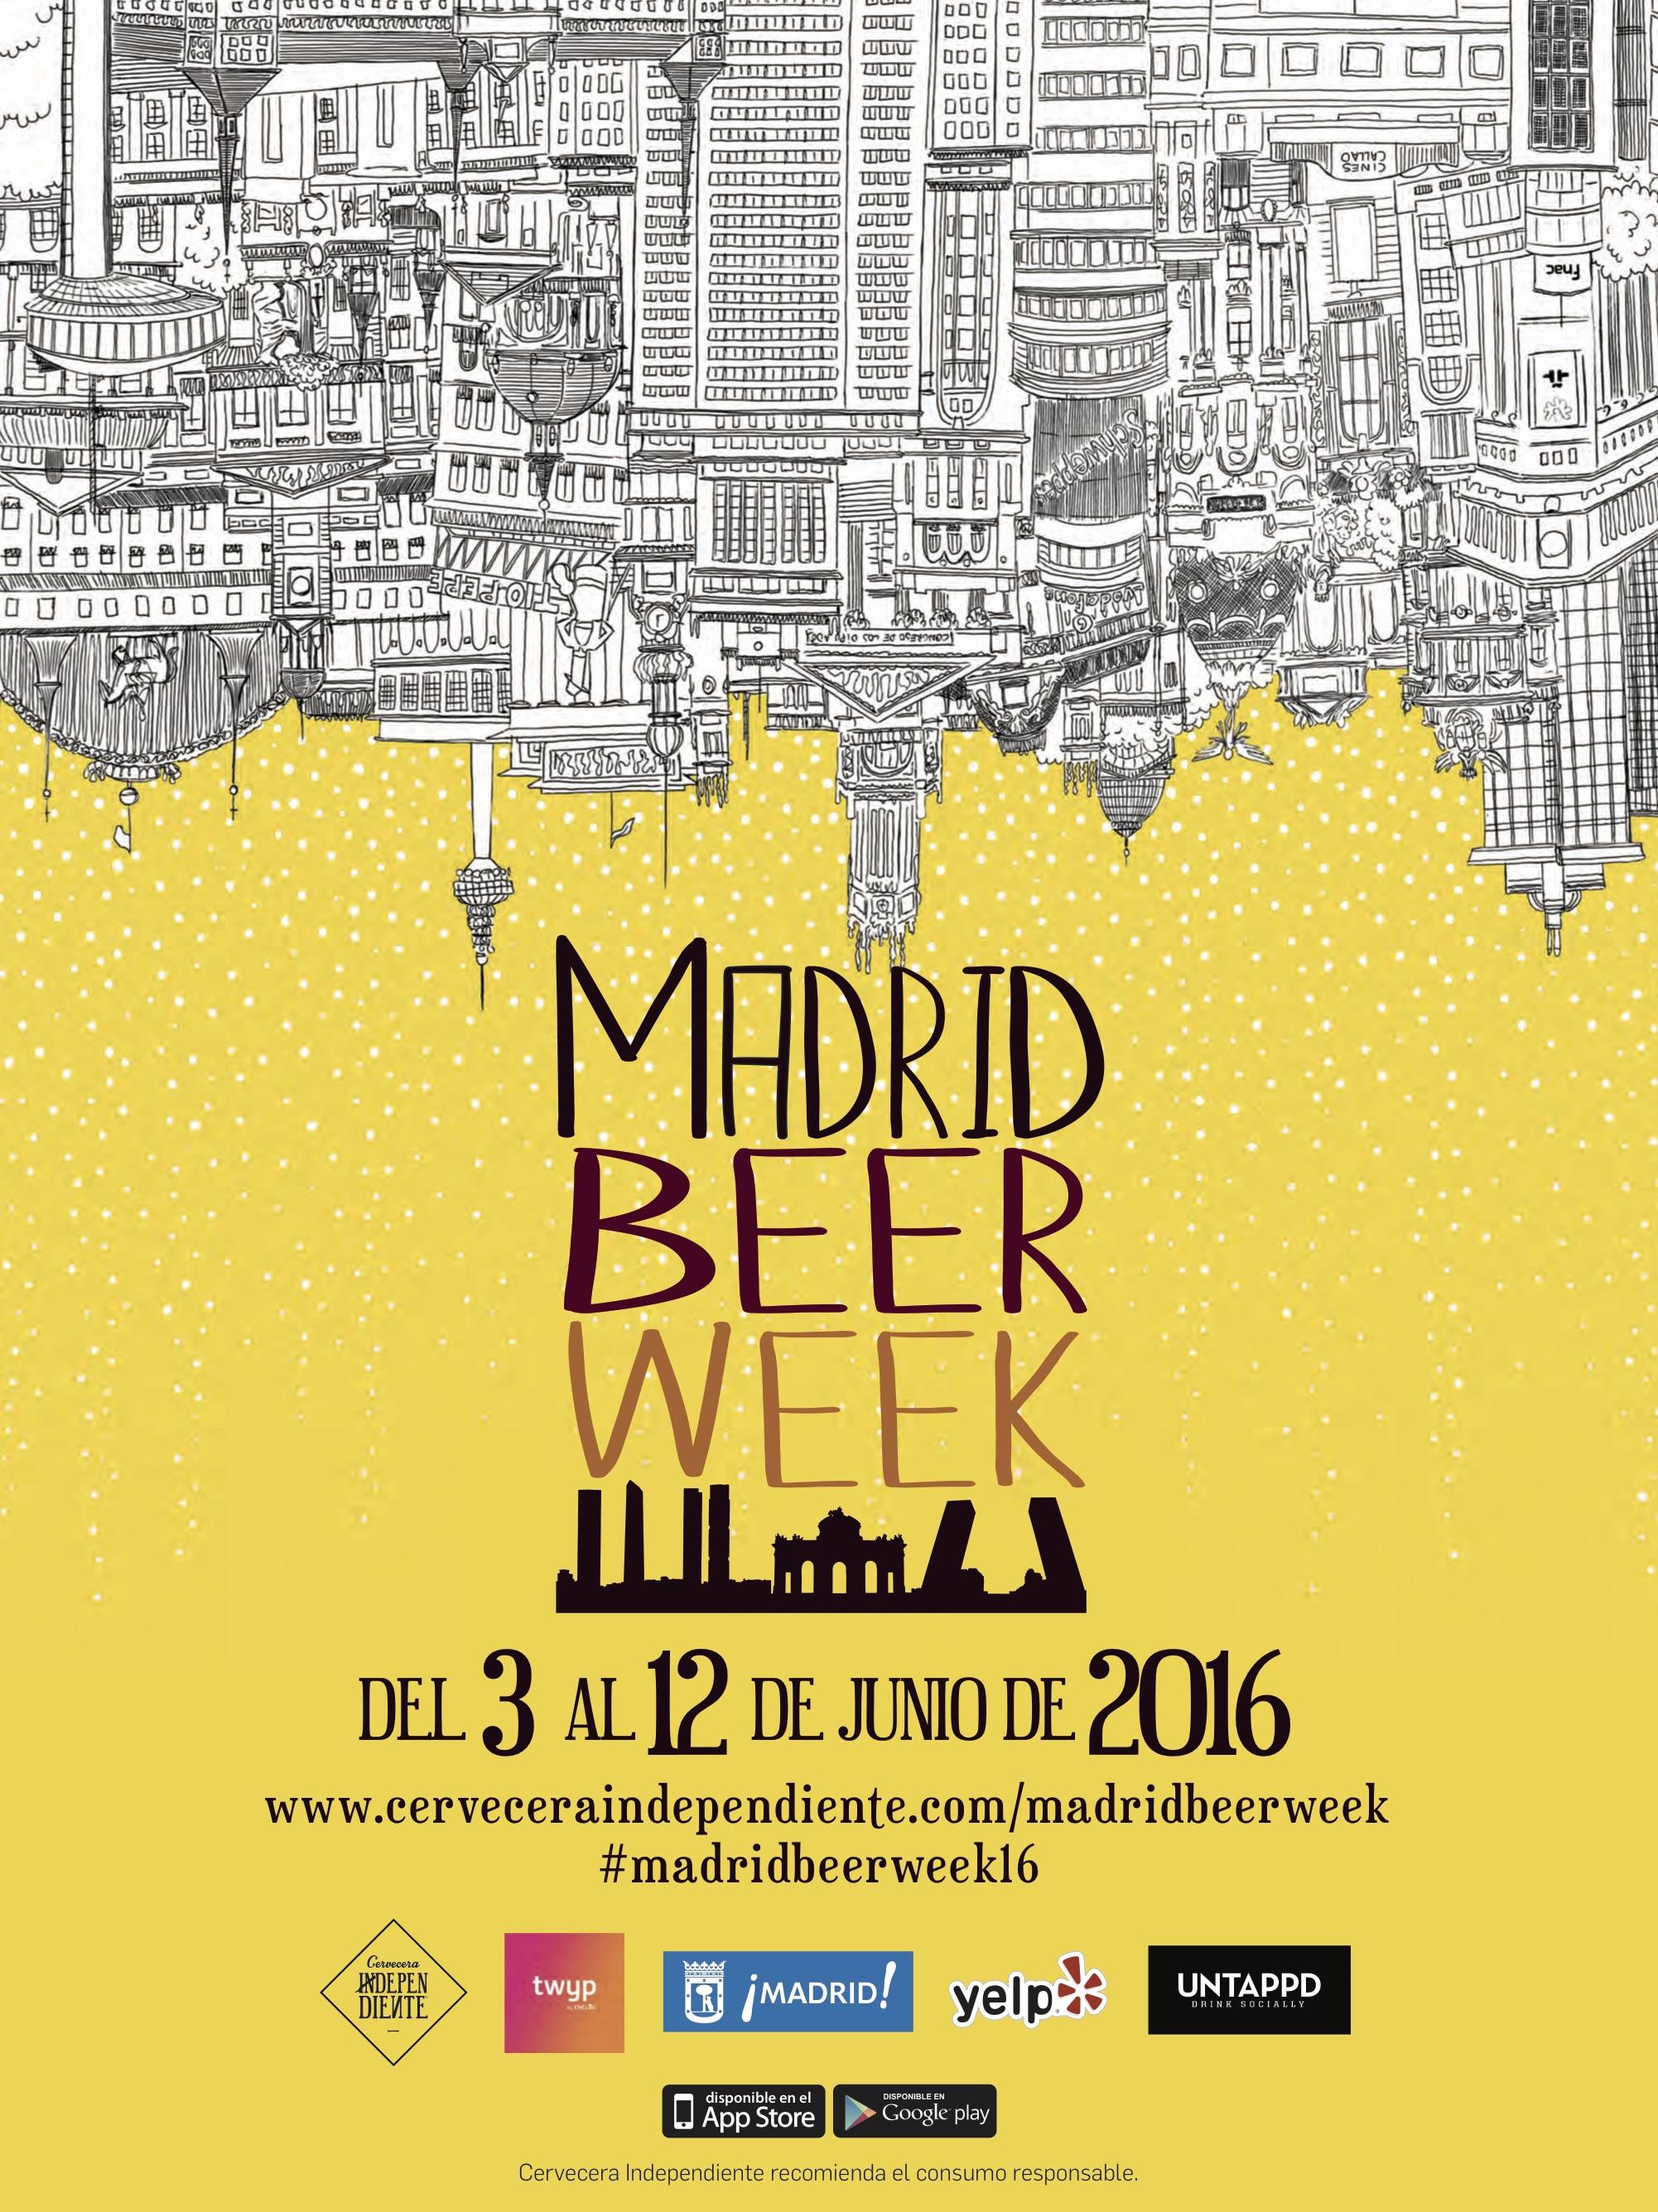 Madrid Beer Week 2016